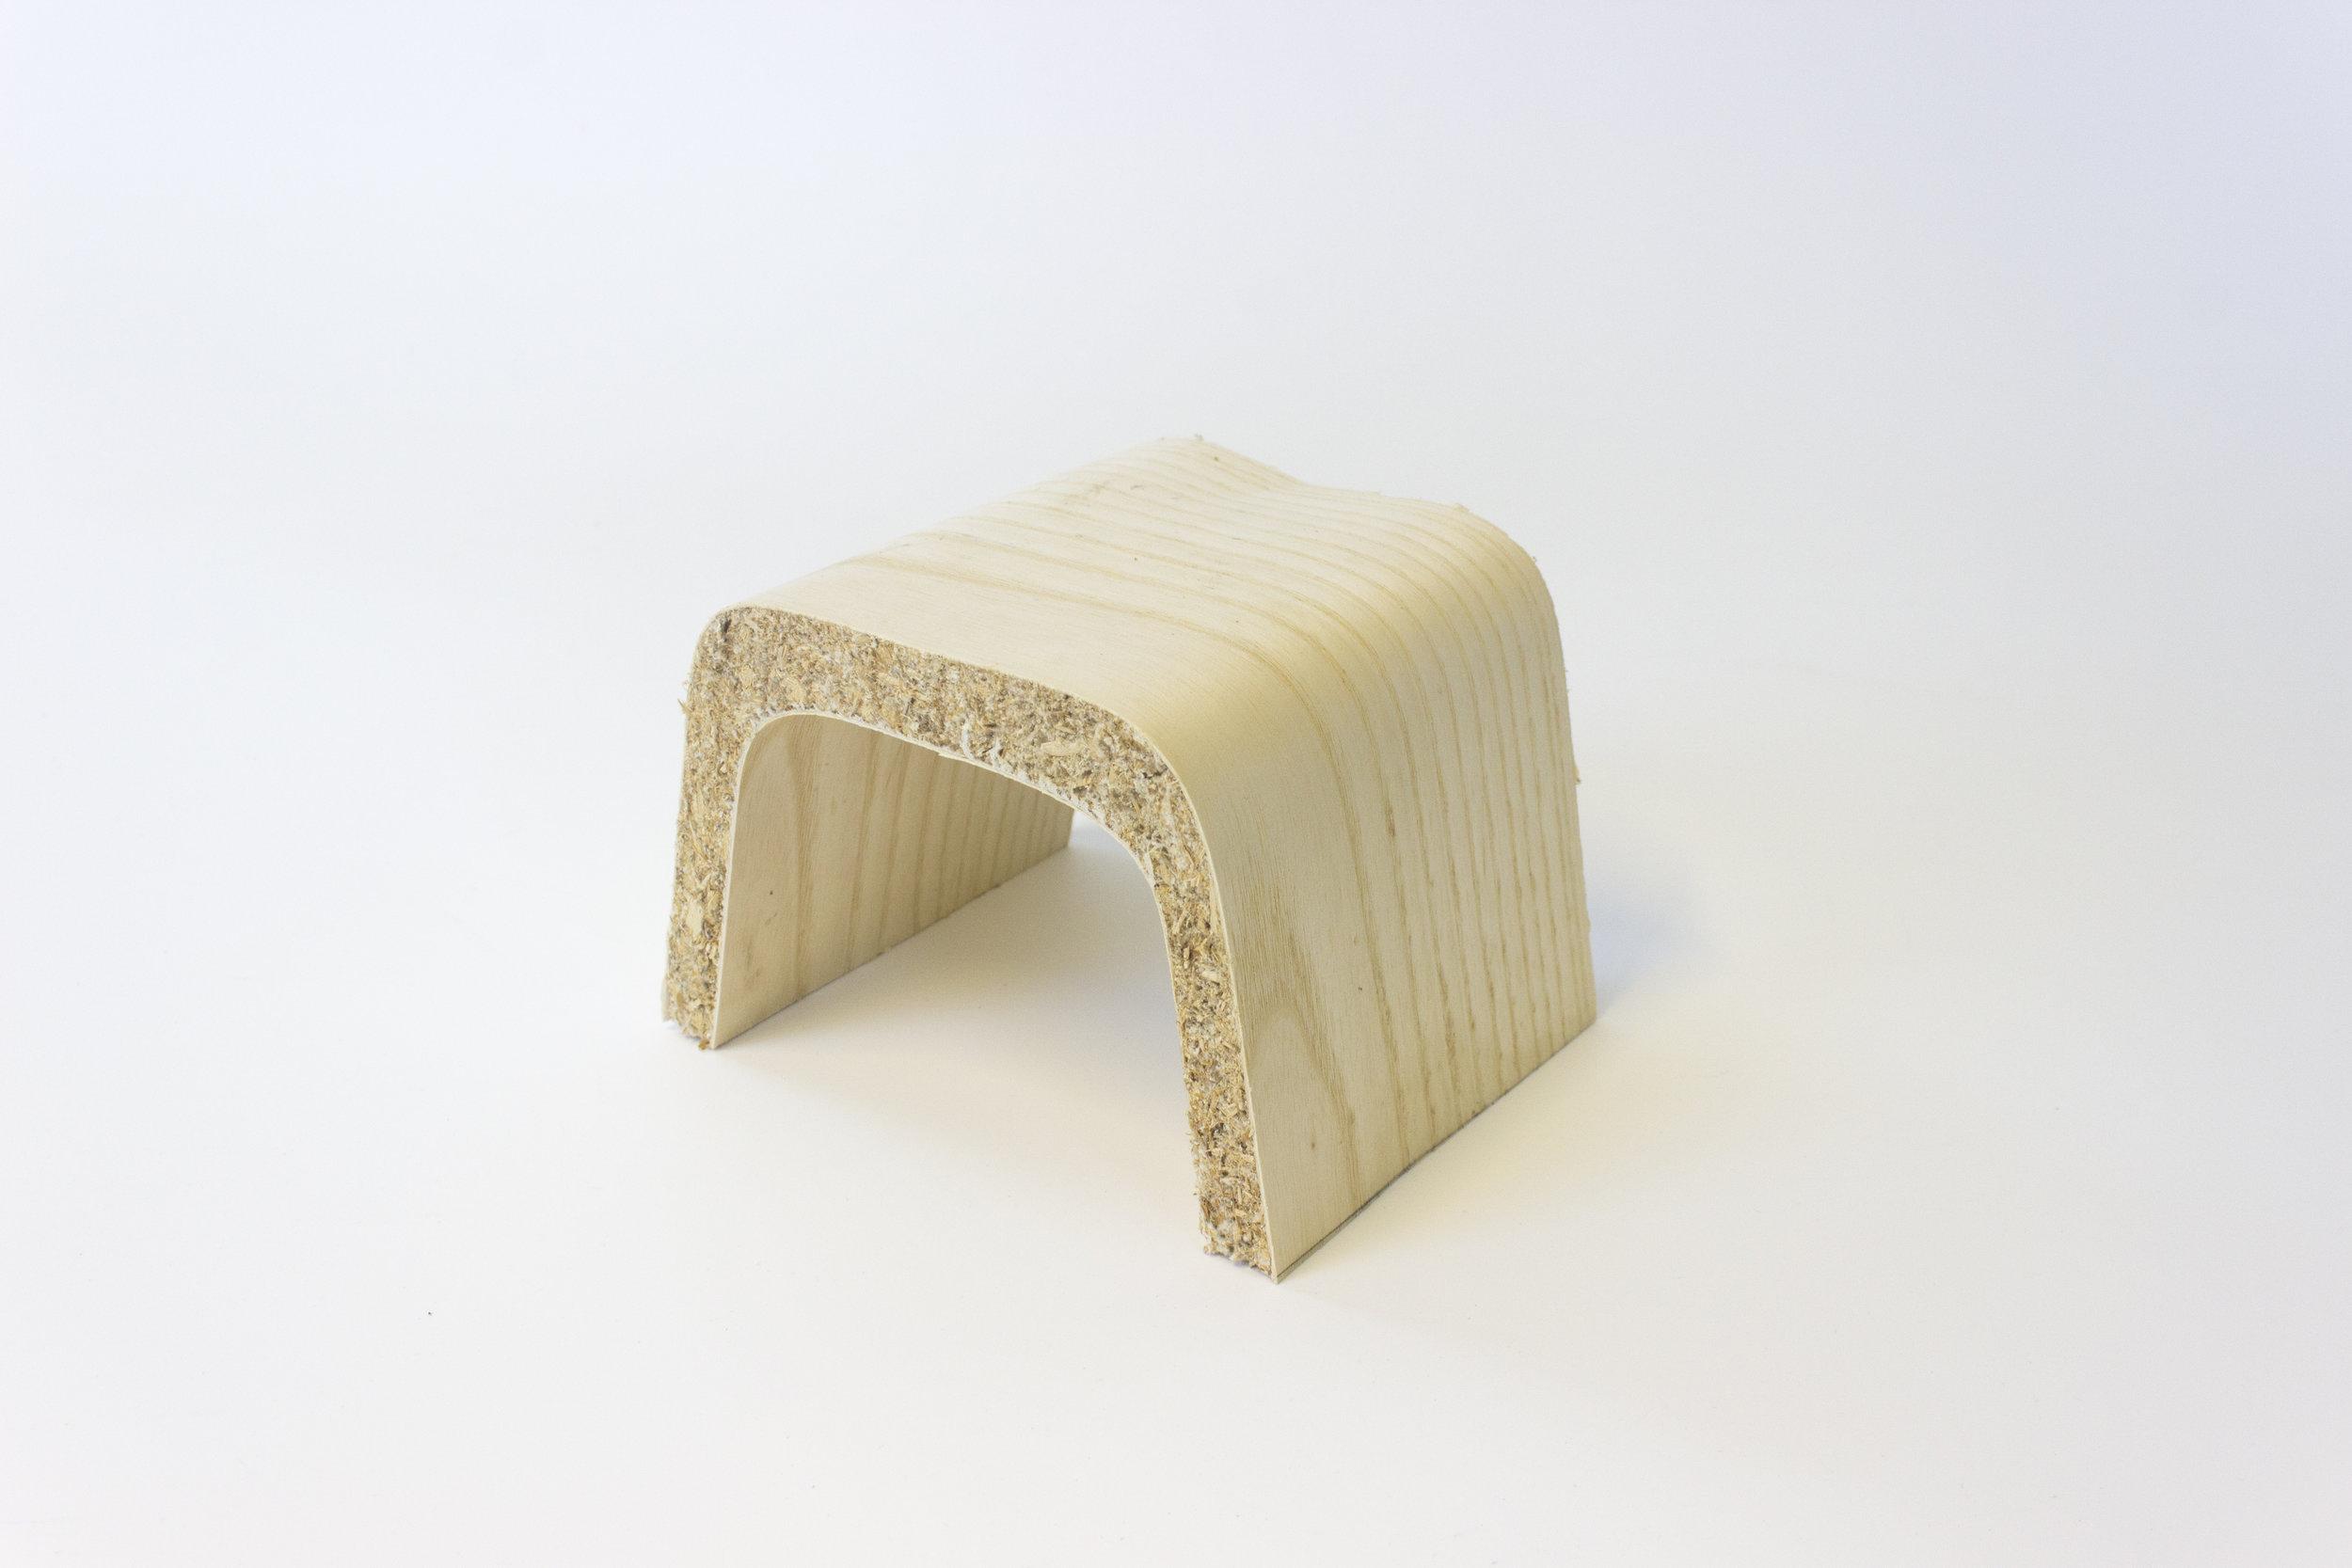 Mycelium-Veneer Composite Material (c.2017)